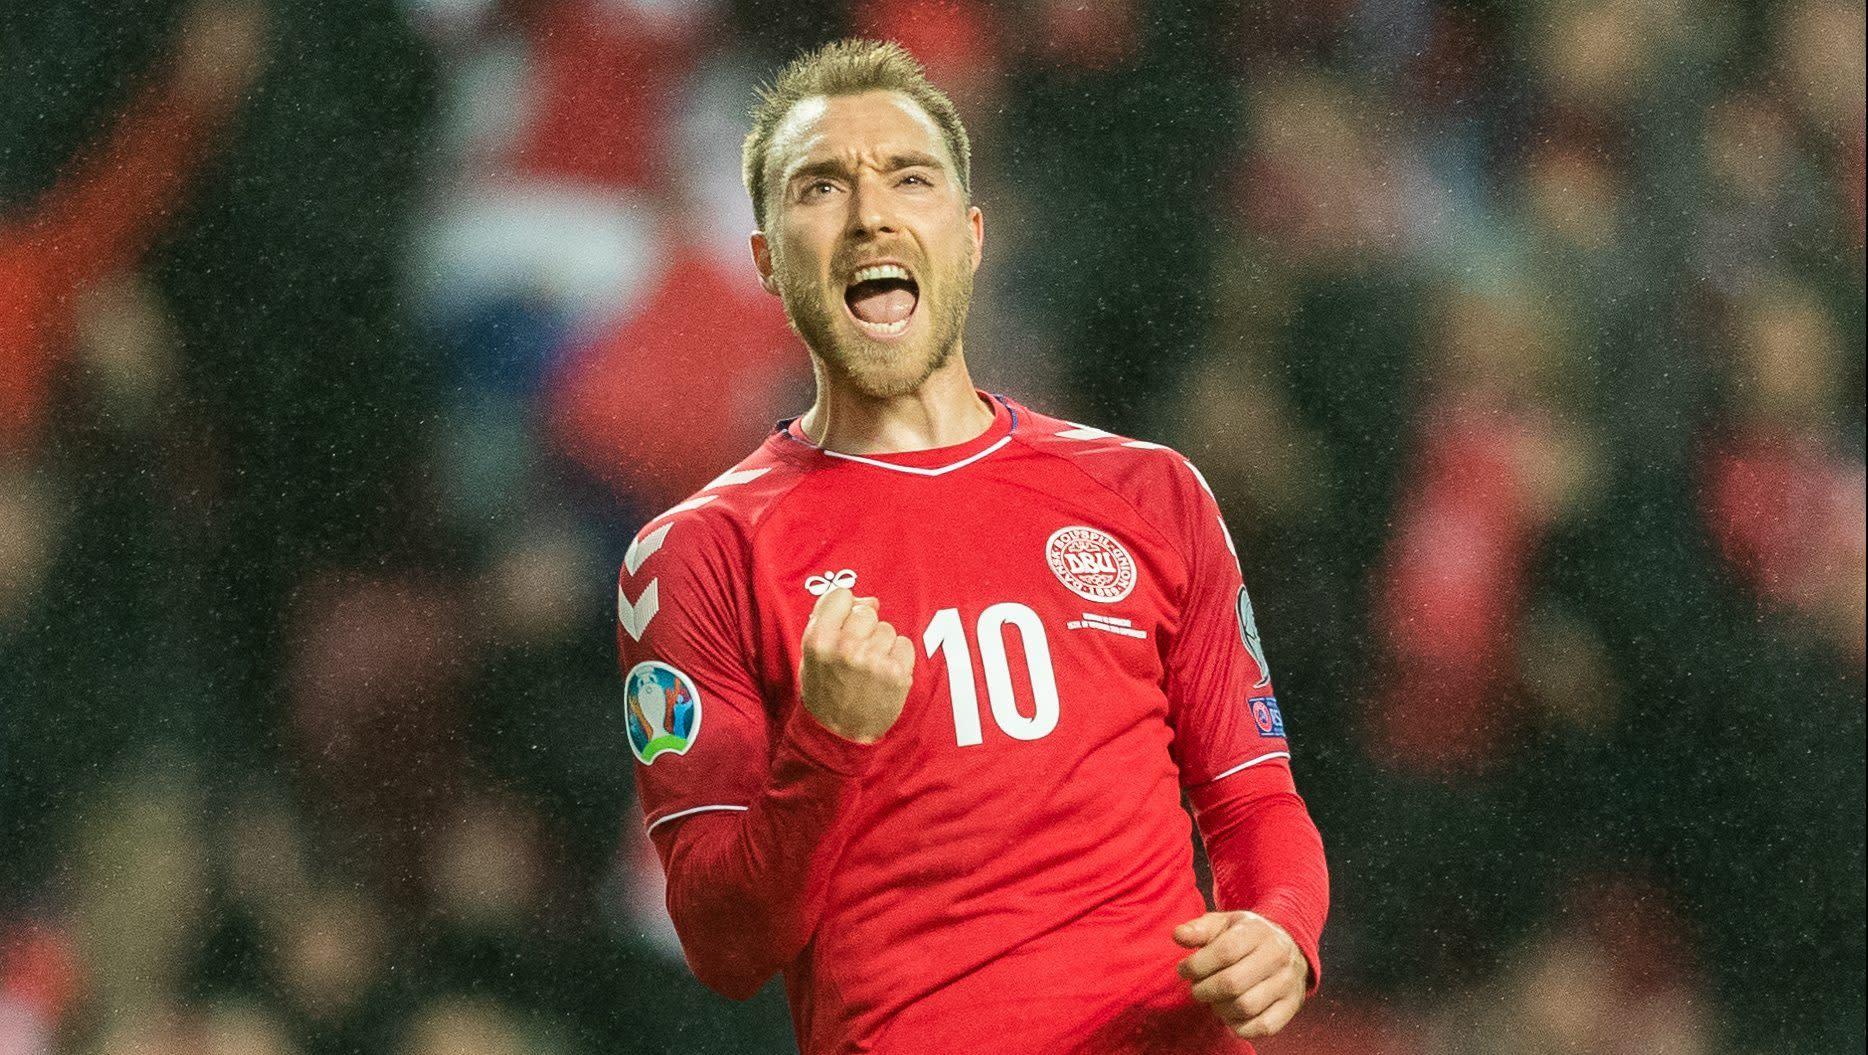 EURO 2020: Switzerland, Denmark qualify; Ireland into playoffs